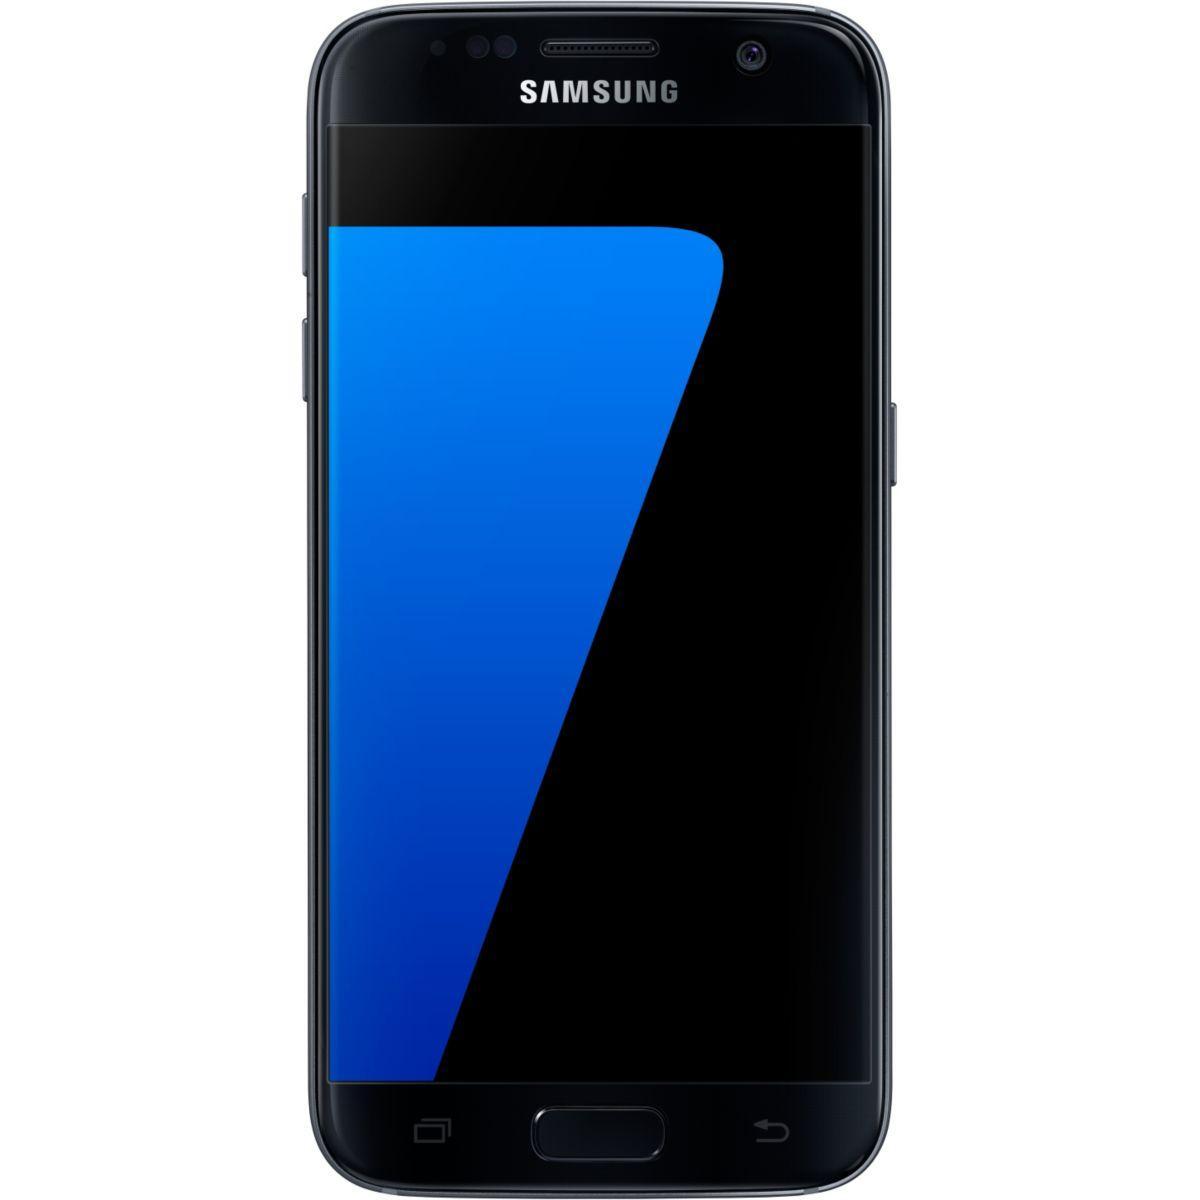 Pack promo smartphone samsung galaxy s7 32 go noir + etui samsung view cover led galaxy s7 noir - soldes et bonnes affaires à prix imbattables